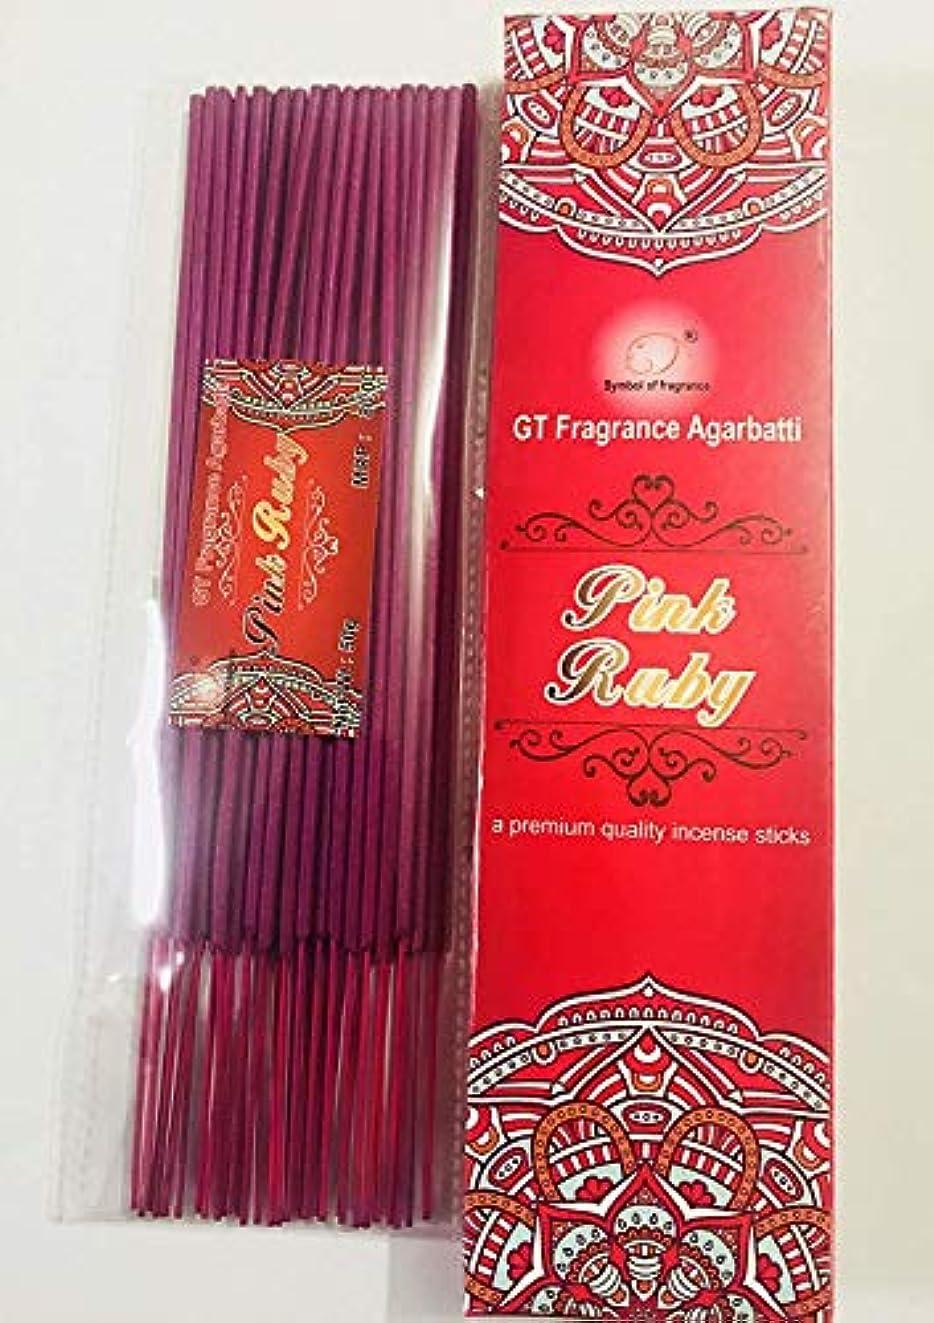 ラダメルボルン骨Pink Ruby. Bundle of 2 Packs, a Premium Quality Incense sticks-100g